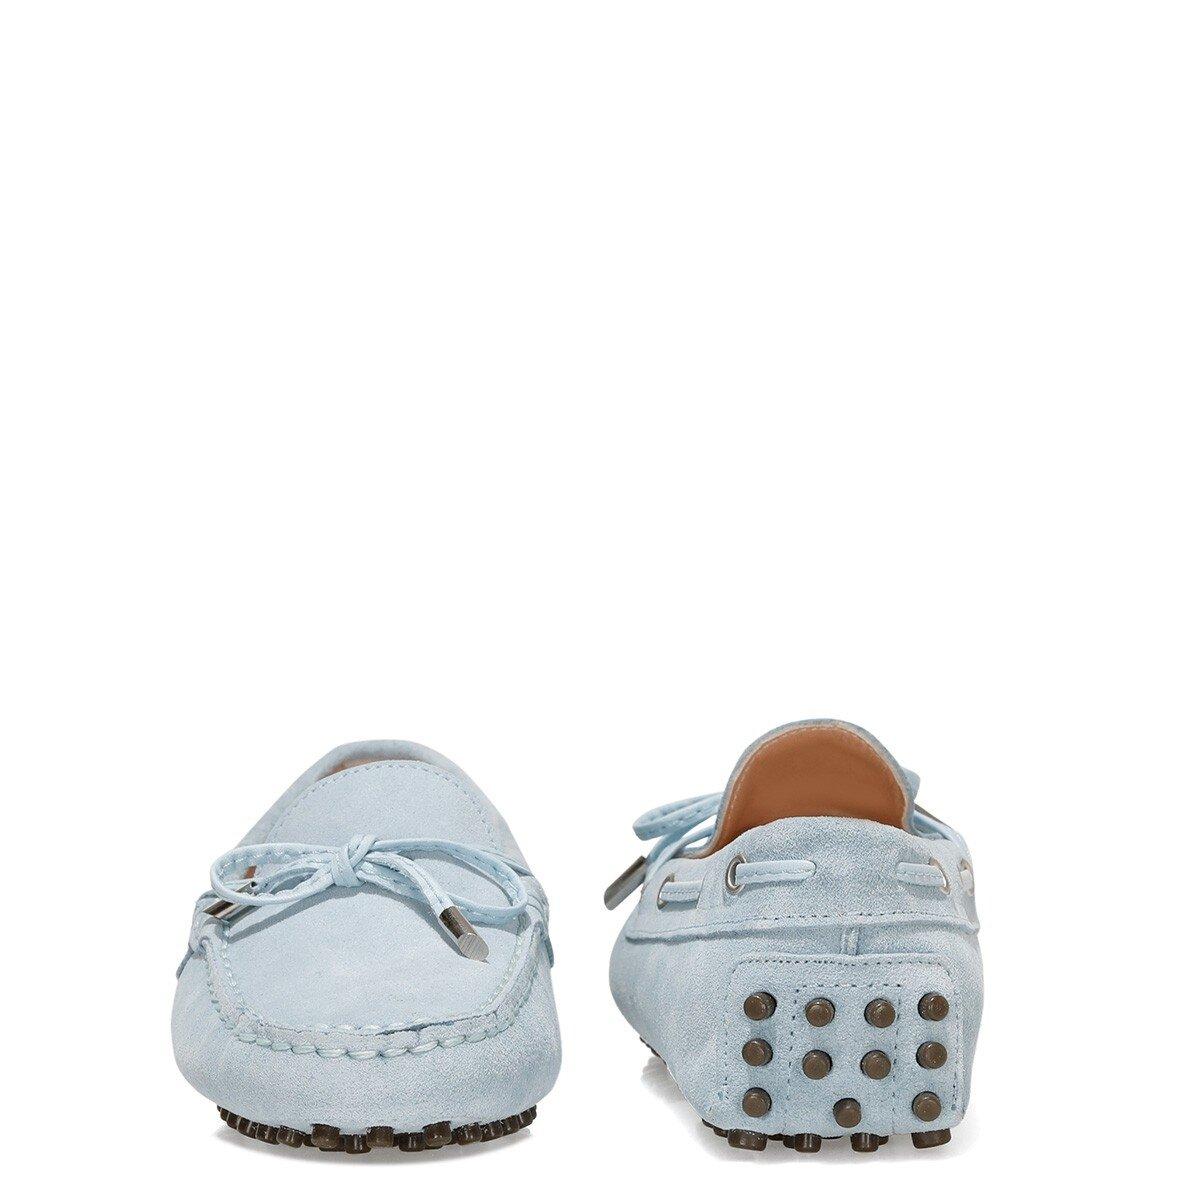 NEWHOLT2 1FX Mavi Kadın Loafer Ayakkabı